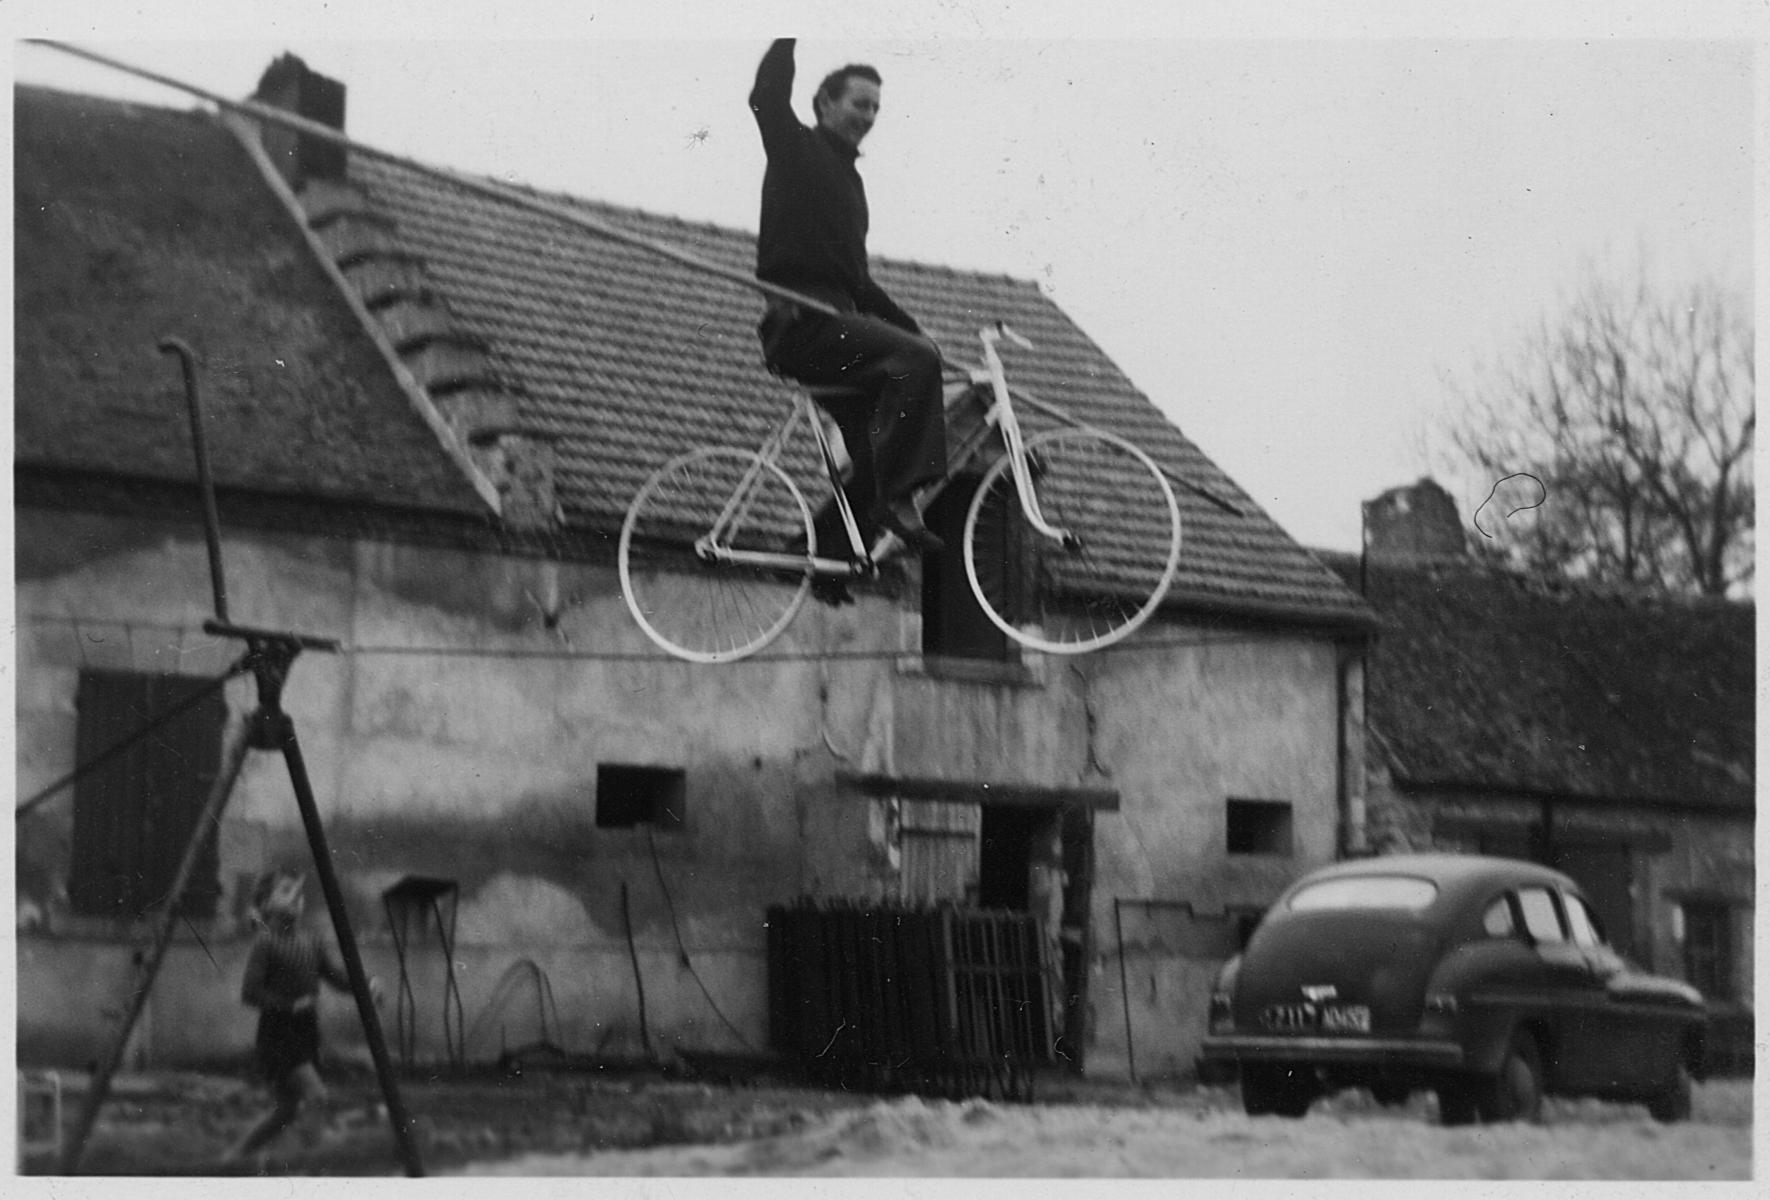 Papa-sur-le-fil-avec-le-vélo-Kiki-en-Bas-Ferme-GC